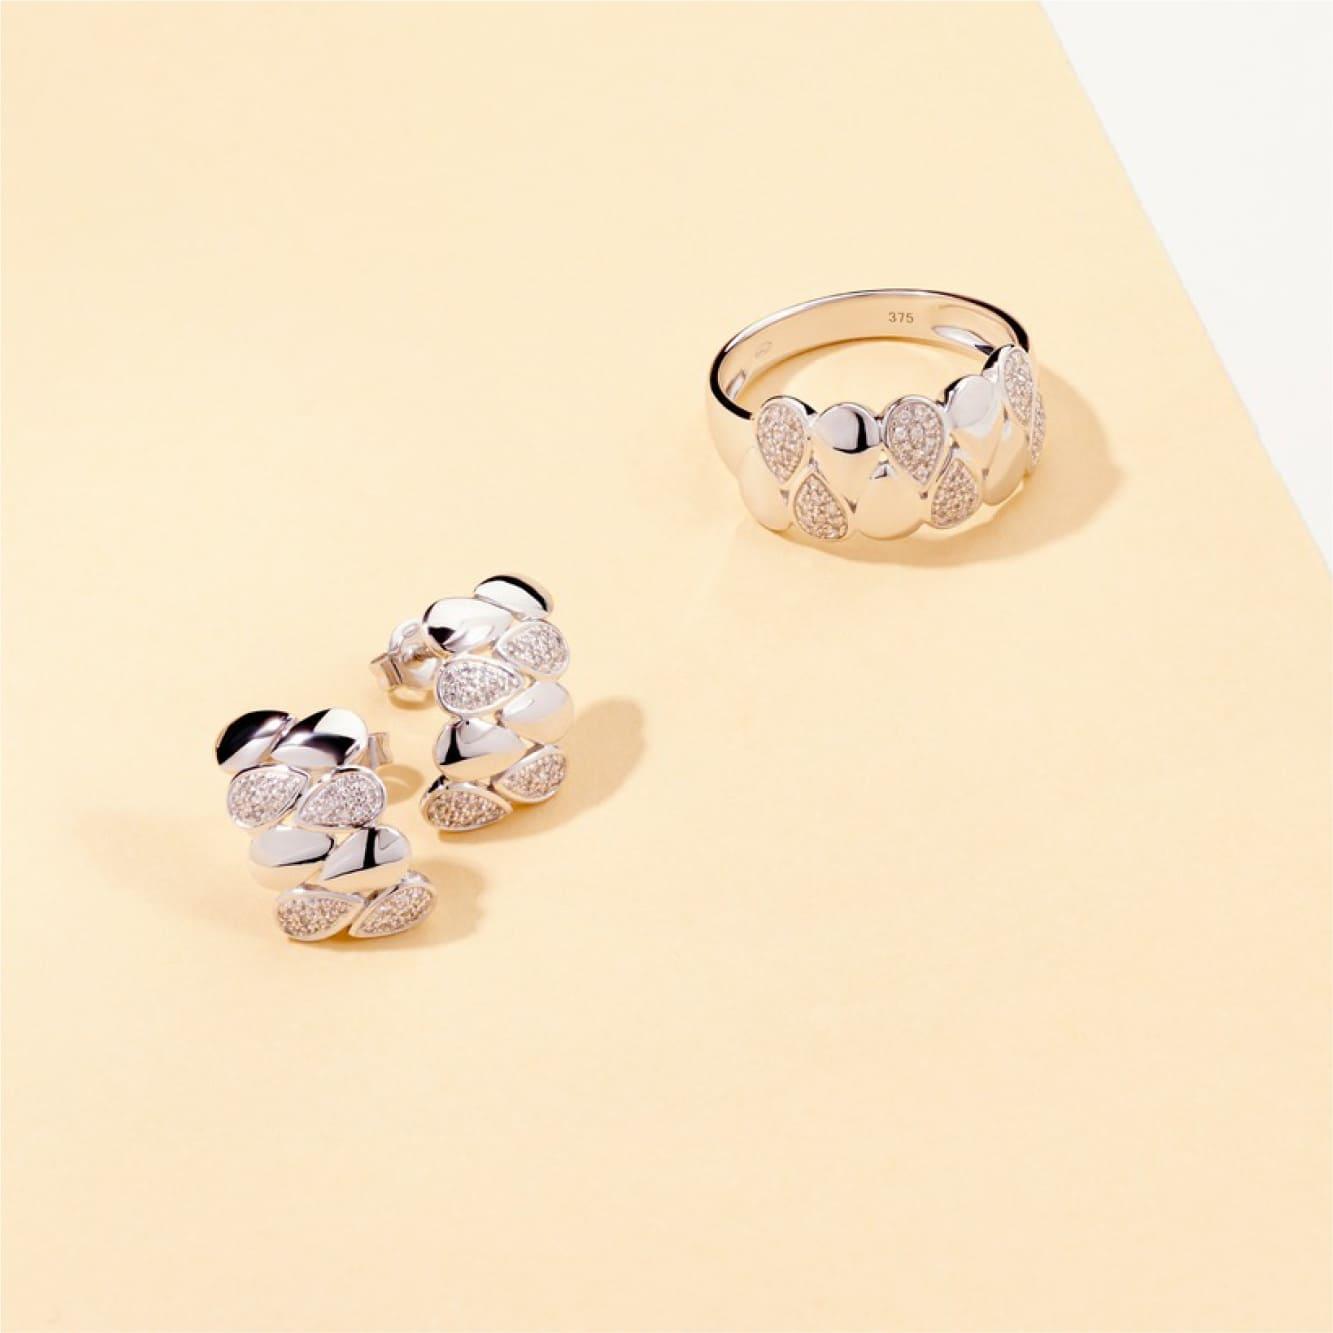 Damenring Weißgold 375 Diamanten 0,146ct